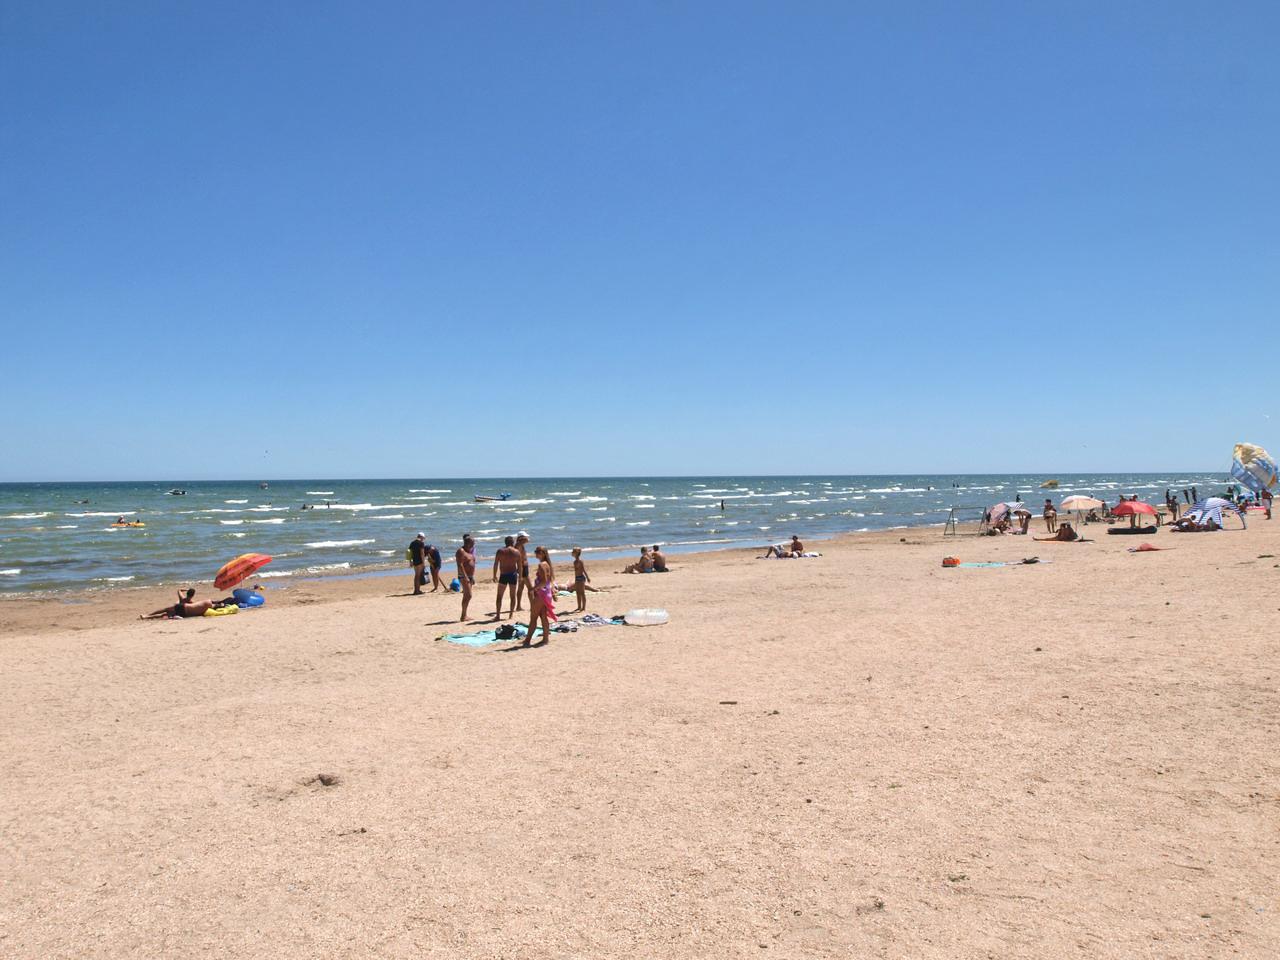 Арабатская стрелка: отдых, отзывы, море, пляж, жилье, горячий источник 79